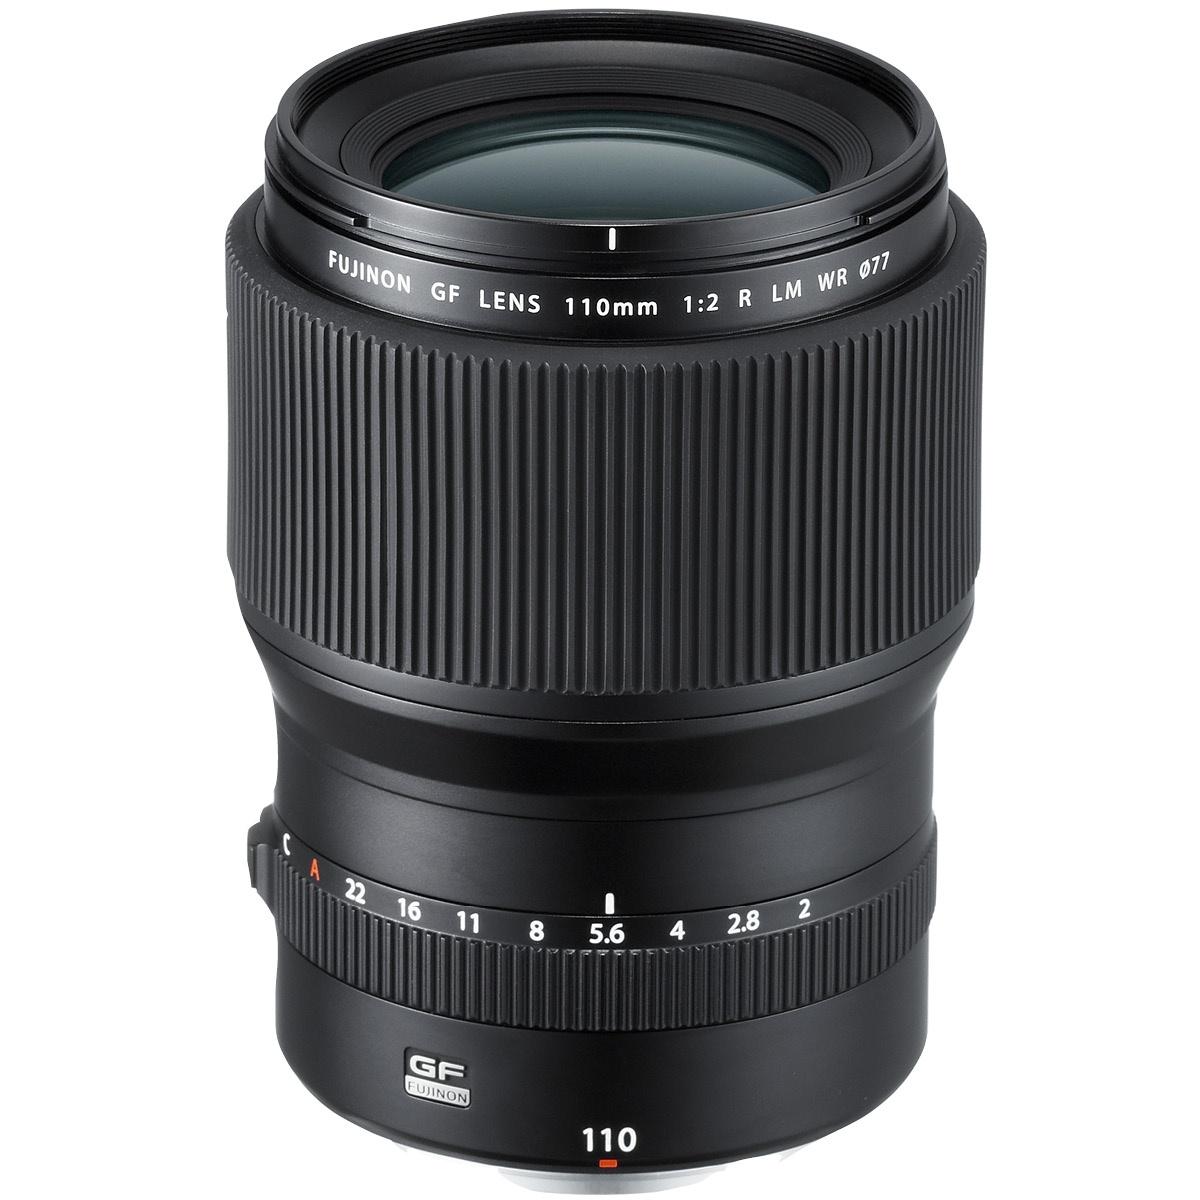 Fujifilm GF 110 mm 1:2,0 R LM WR